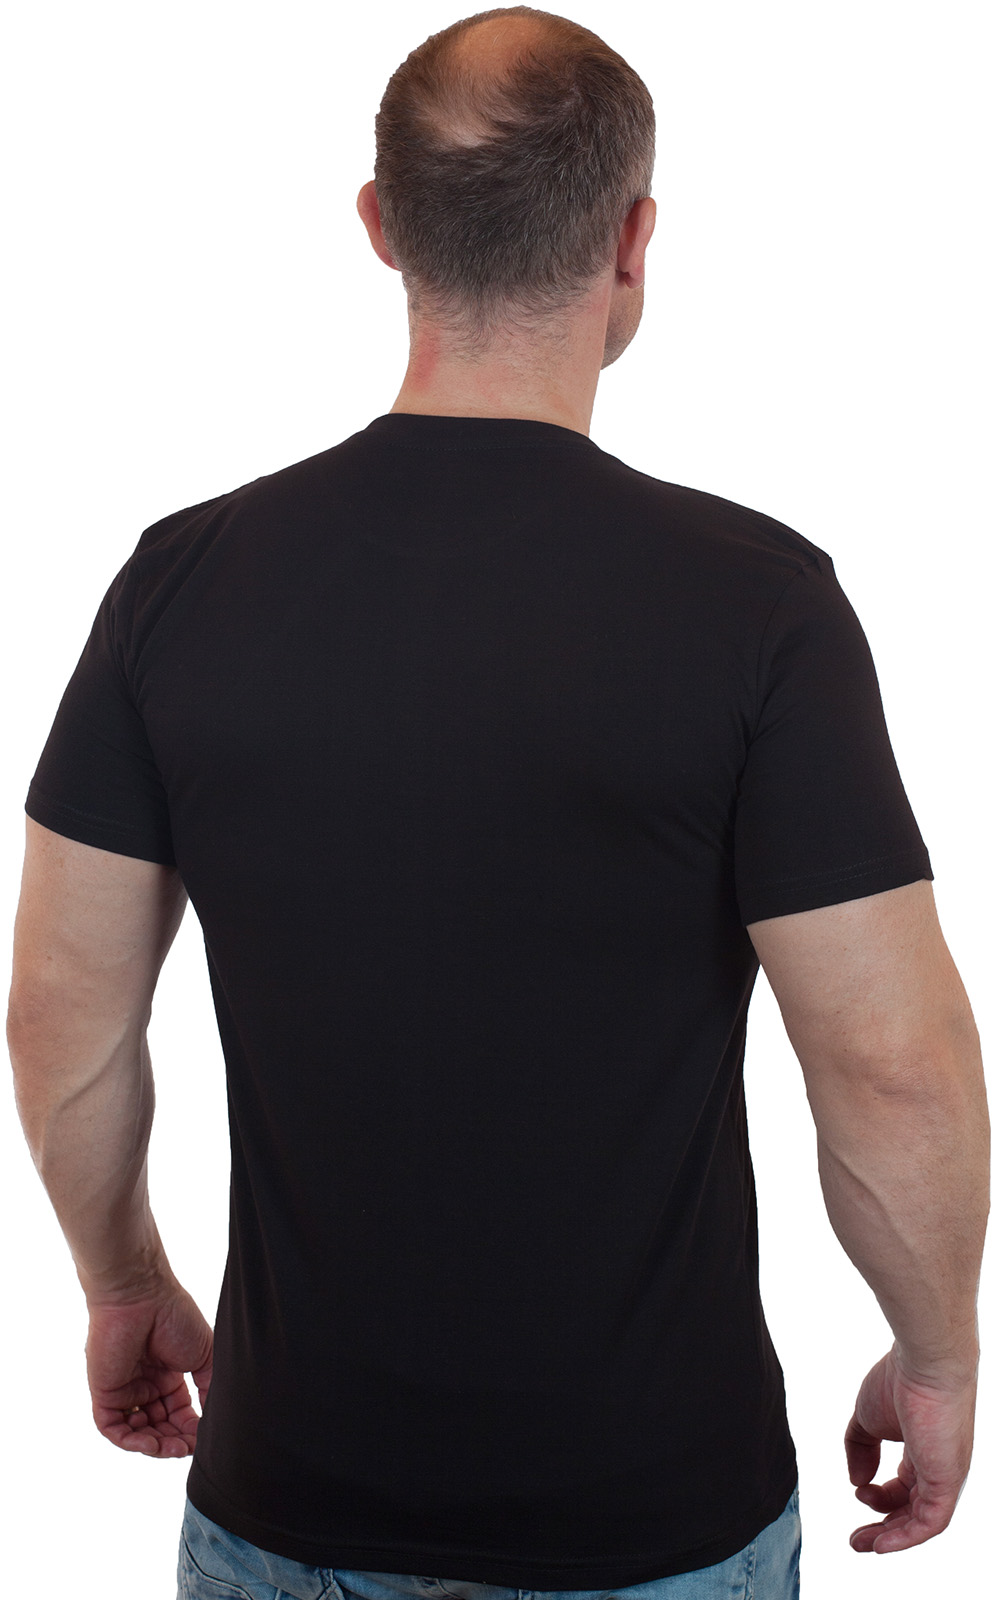 Черная футболка с вышивкой ГРУ 67 ОБрСпН